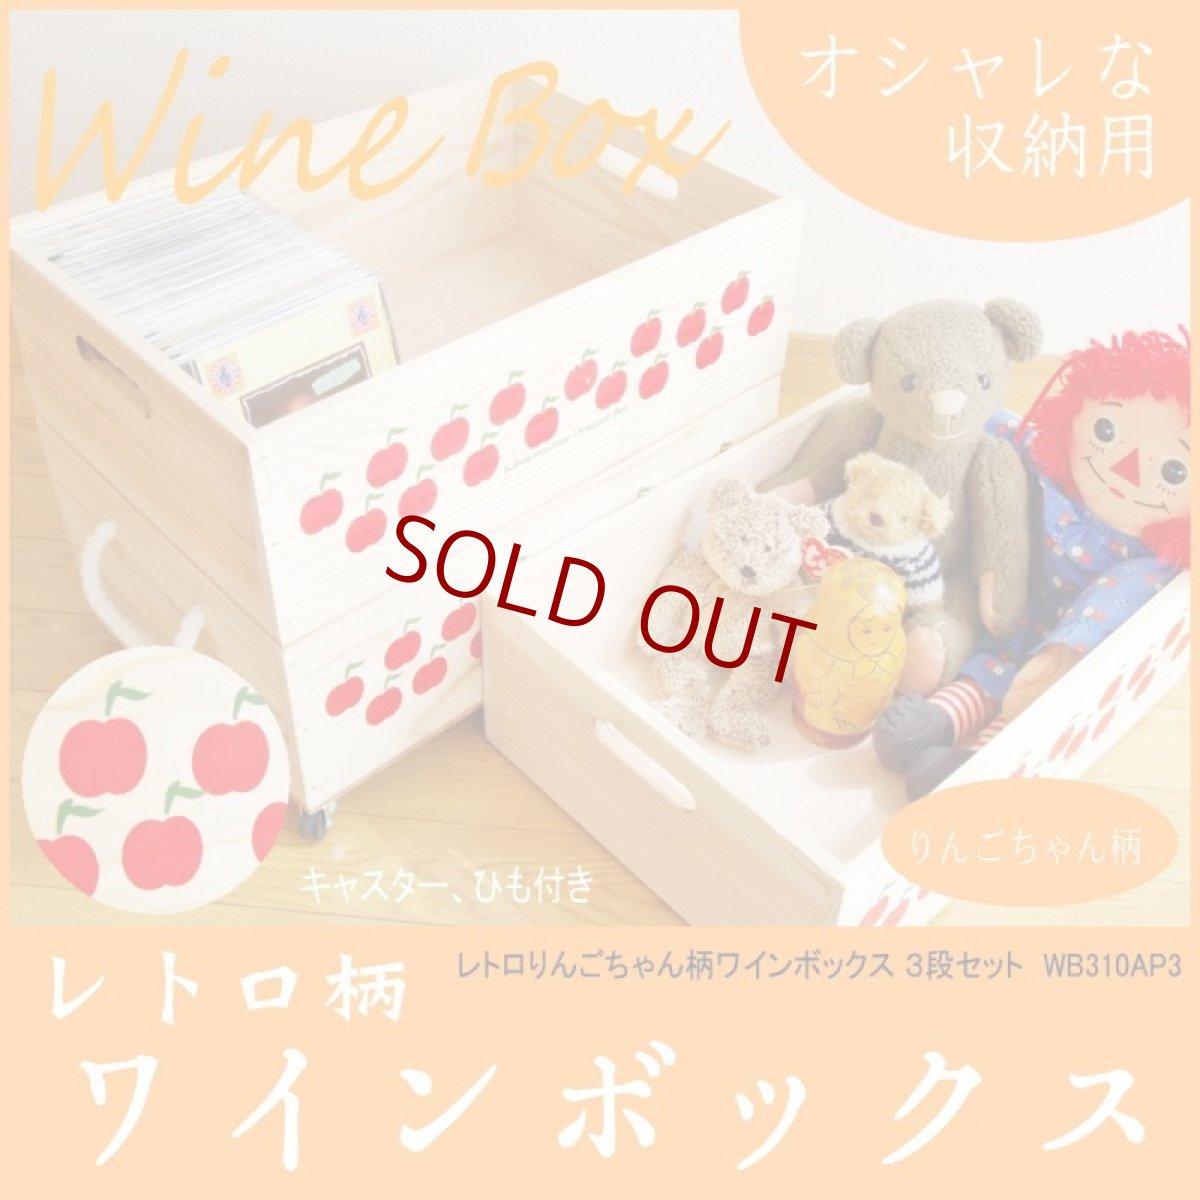 画像1: 【3段セット】 【ばら売り可】【ワインボックス】レトロなりんごちゃん柄のおもちゃ箱、収納箱 (1)